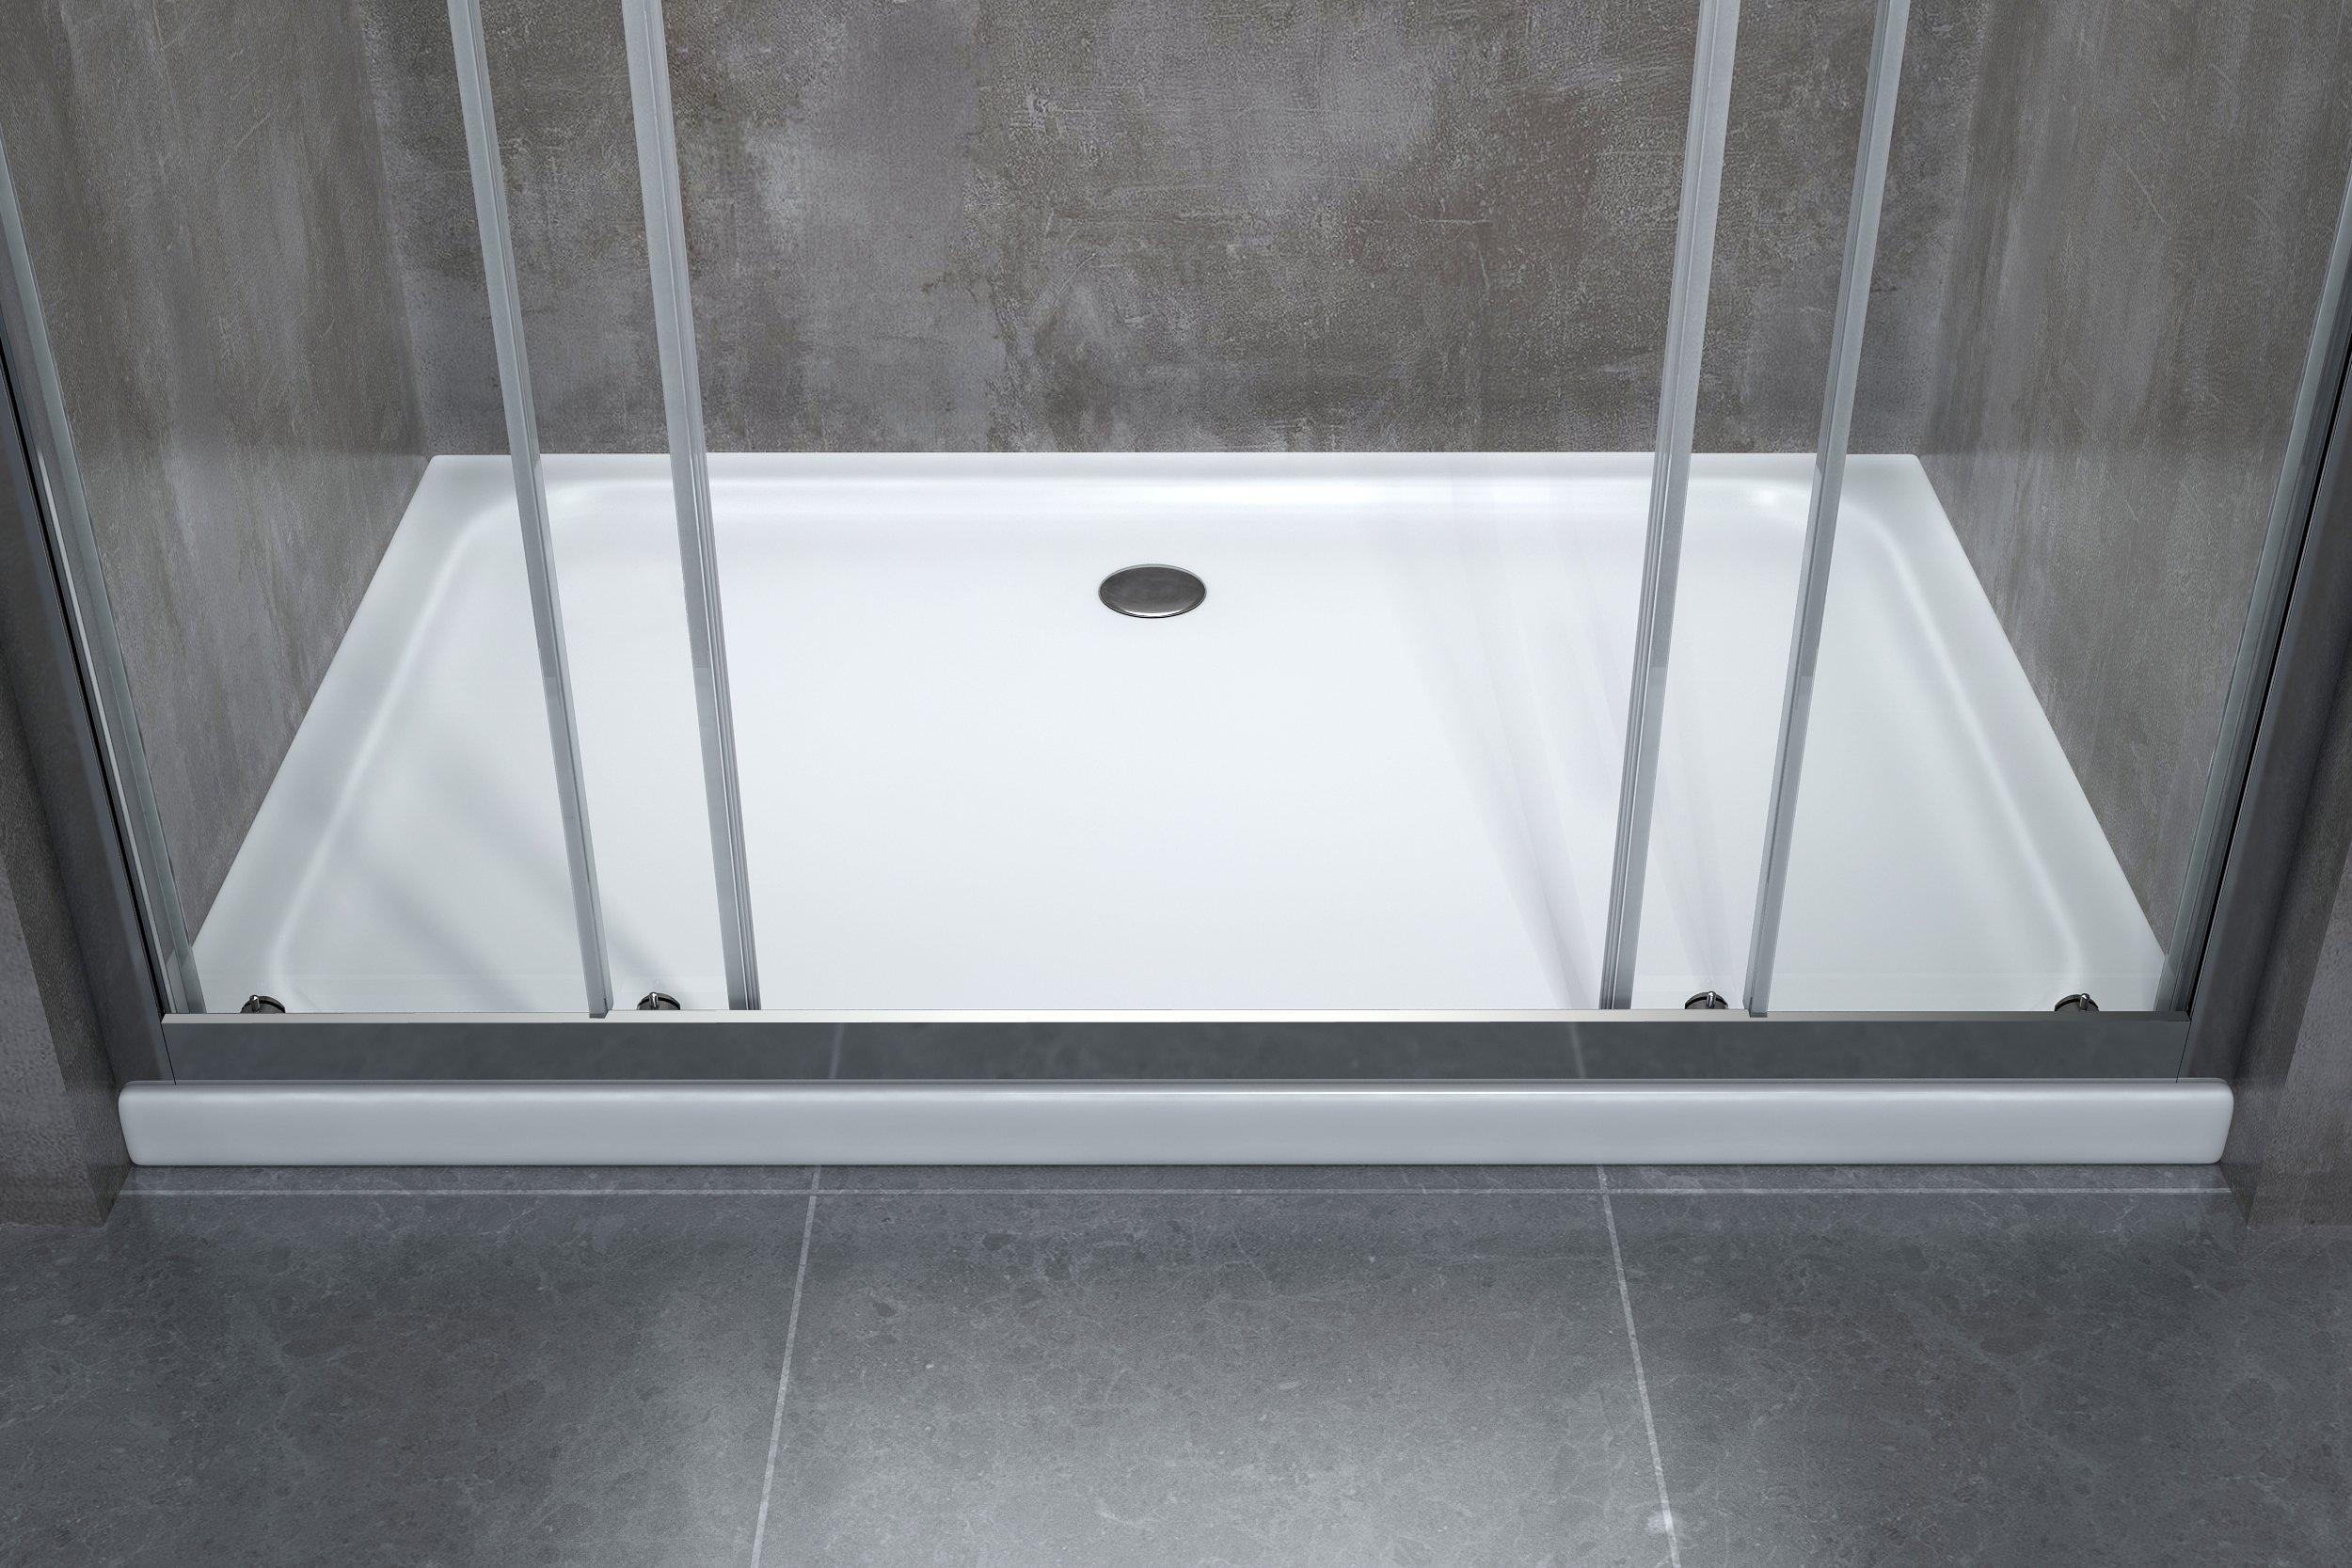 Sostituzione vasca doccia box doccia completo 3 lati